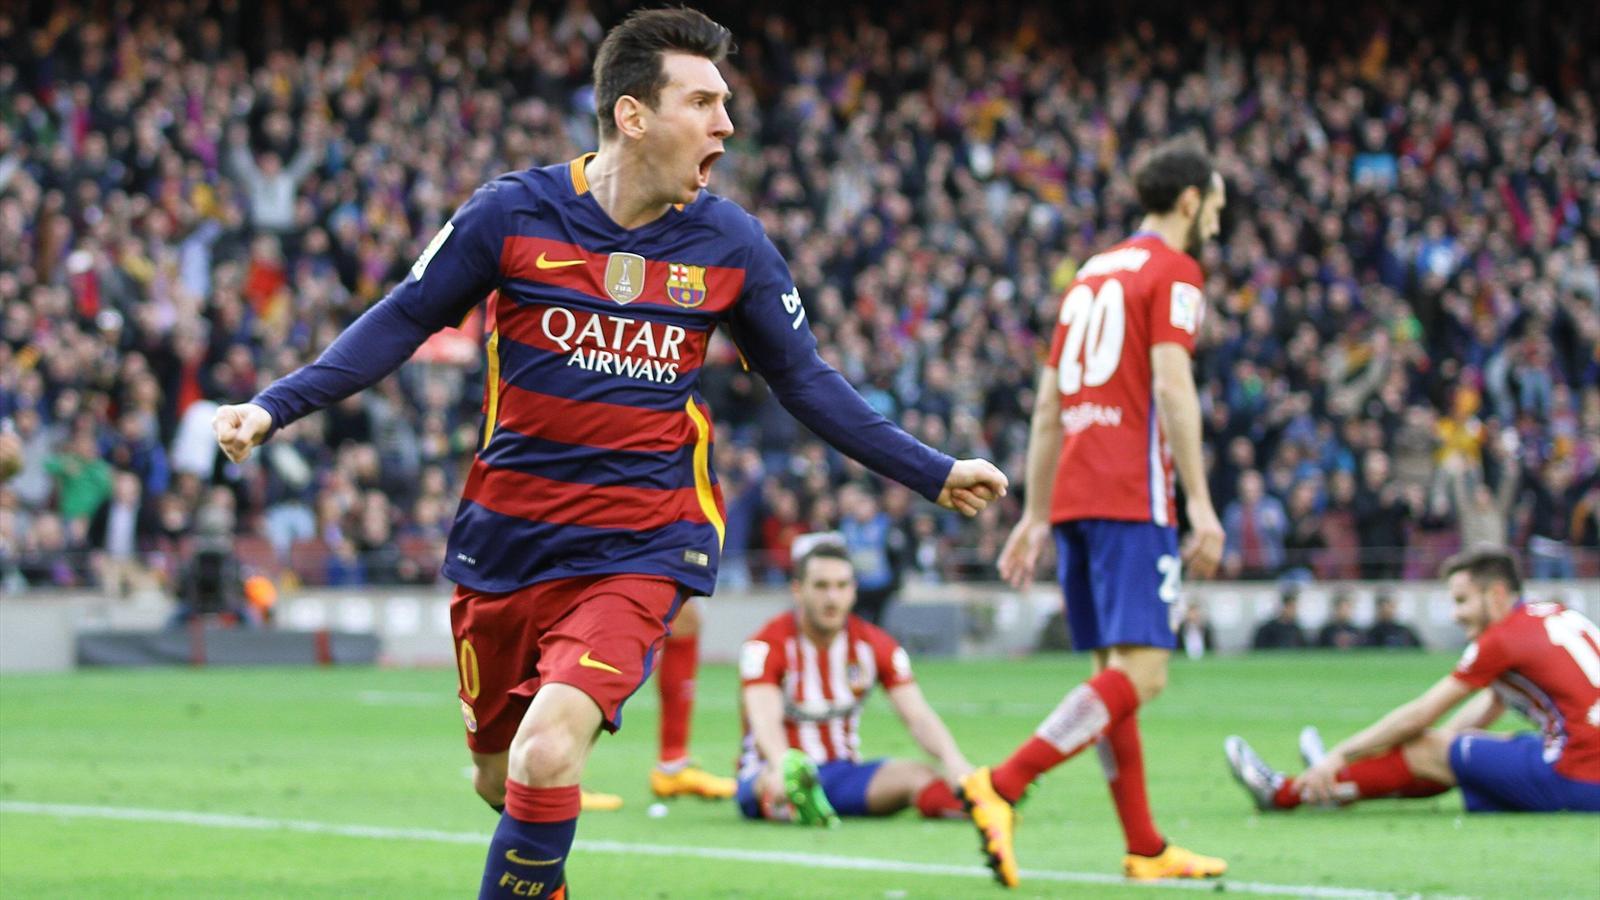 Lionel Messi celebrates his key goal